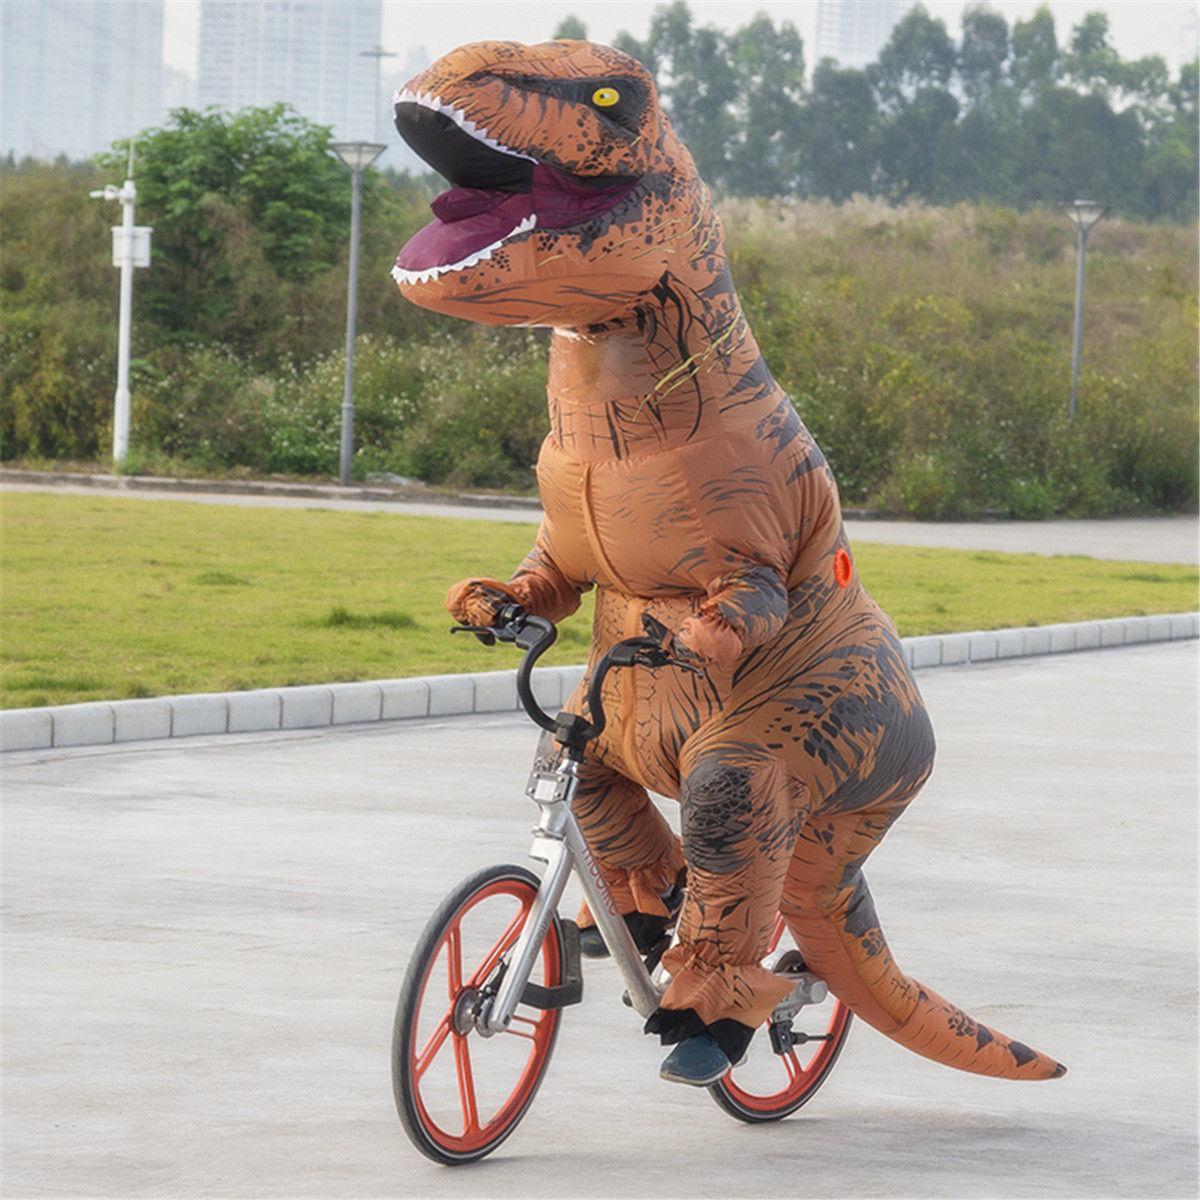 Надувной Костюм Динозавра (Тиранозавра, Костюм Тирекса) T-REX для взрослого Коричнево-оранжевый 220 см